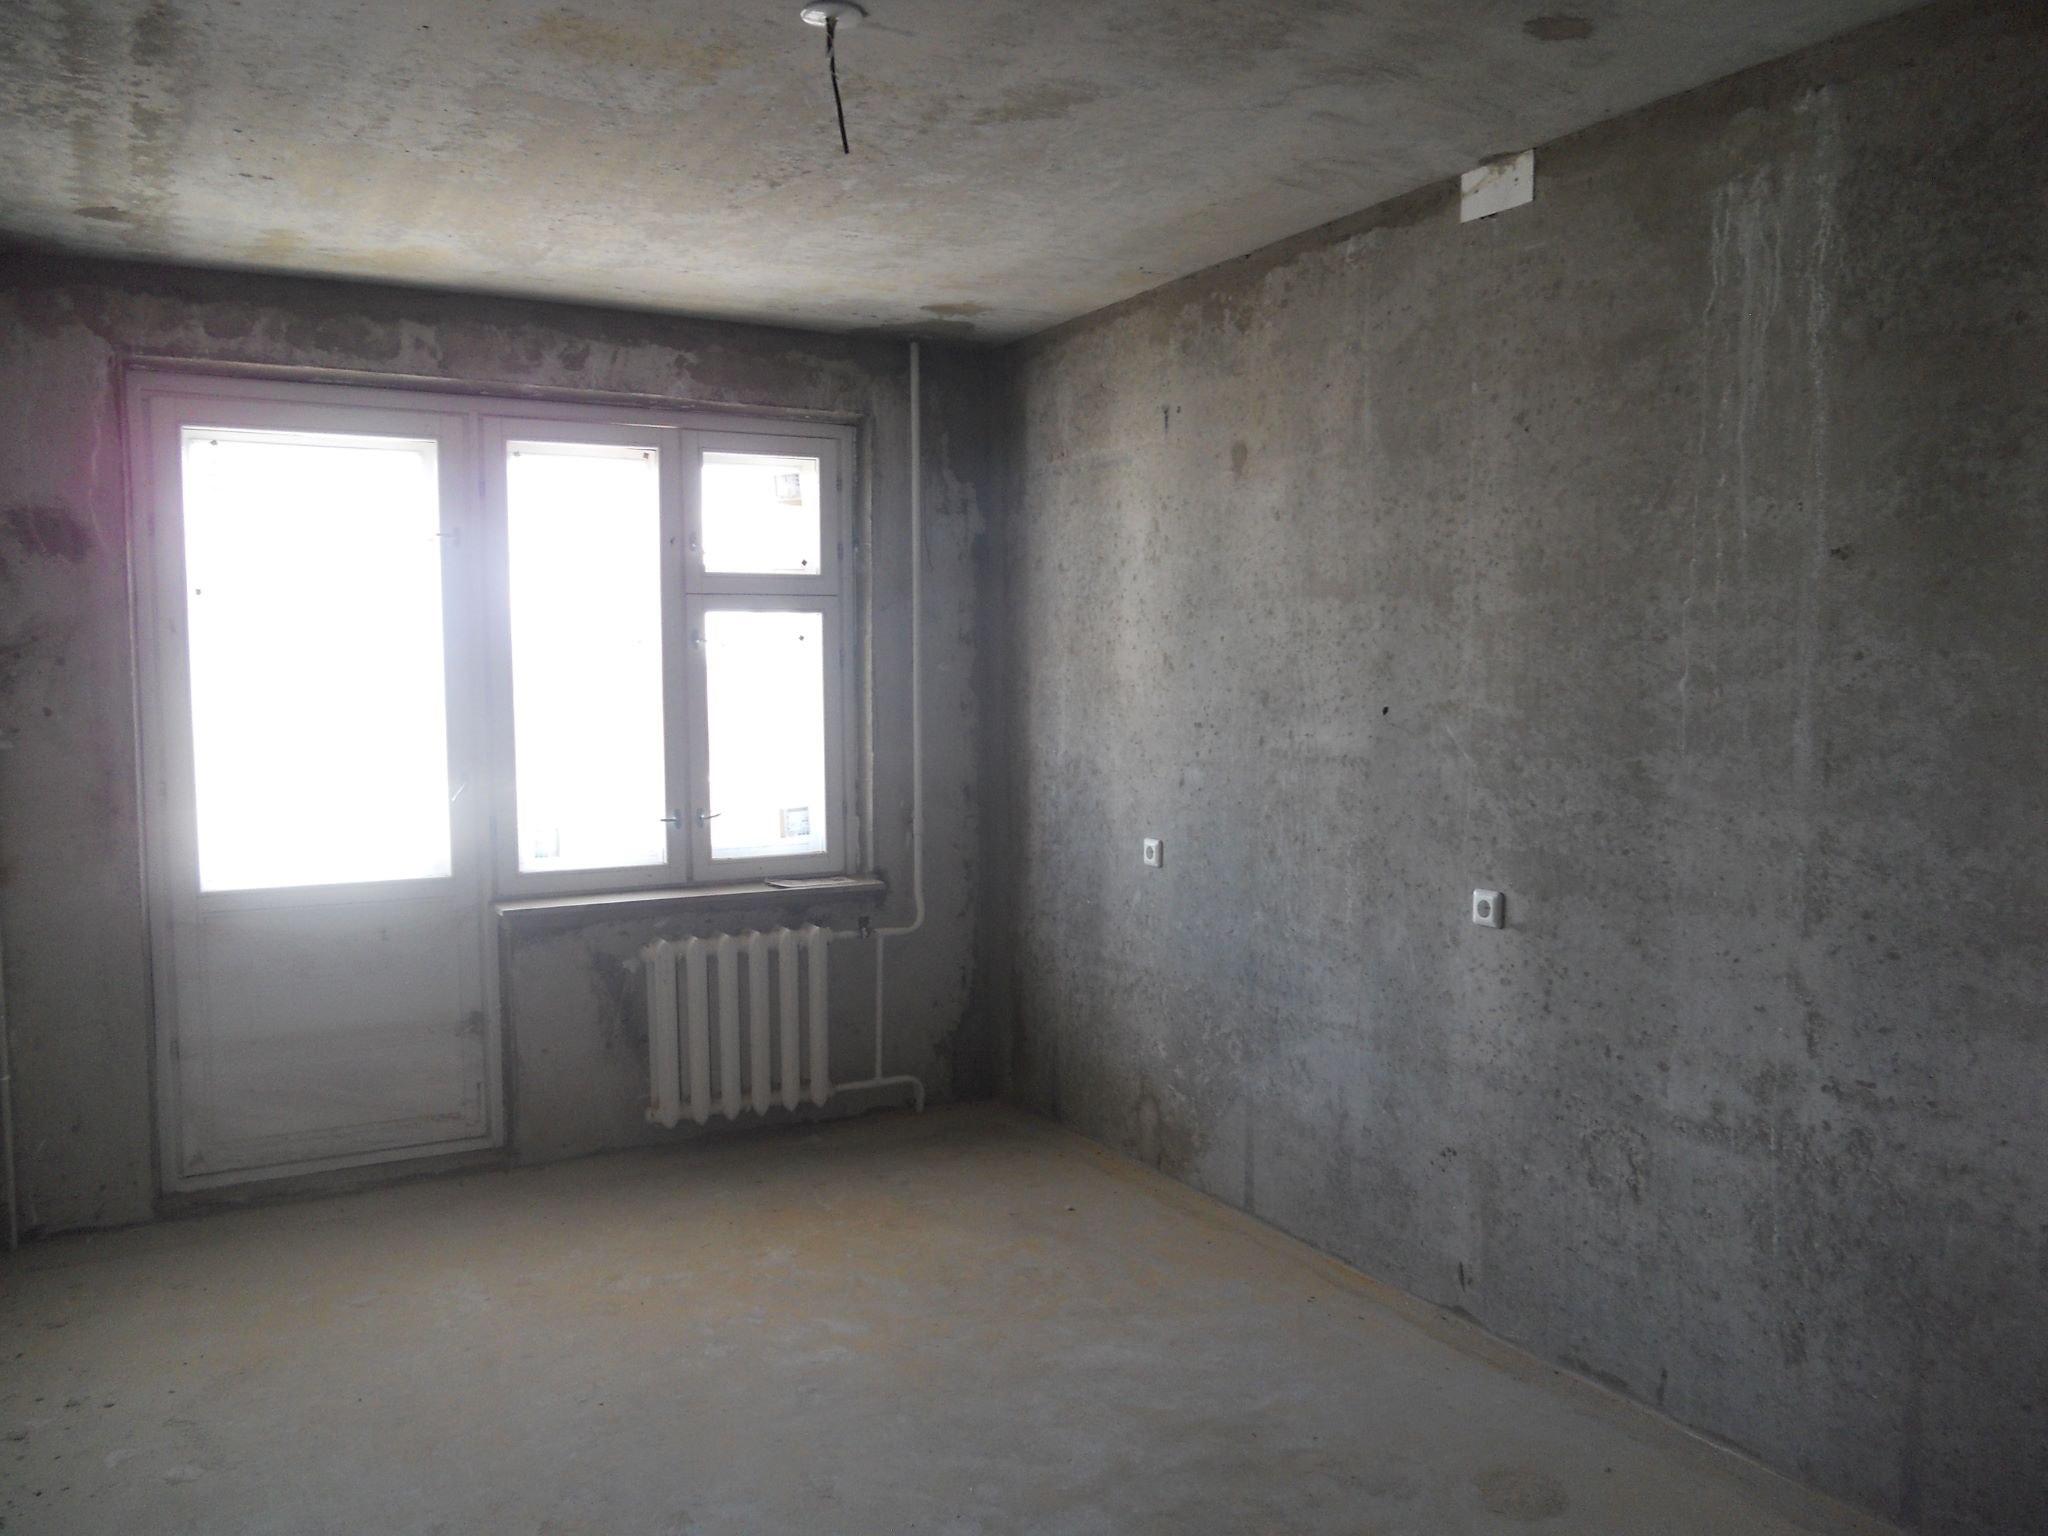 Продажа квартир: 1-комнатная квартира, Кострома, Студенческий проезд, 10, фото 1